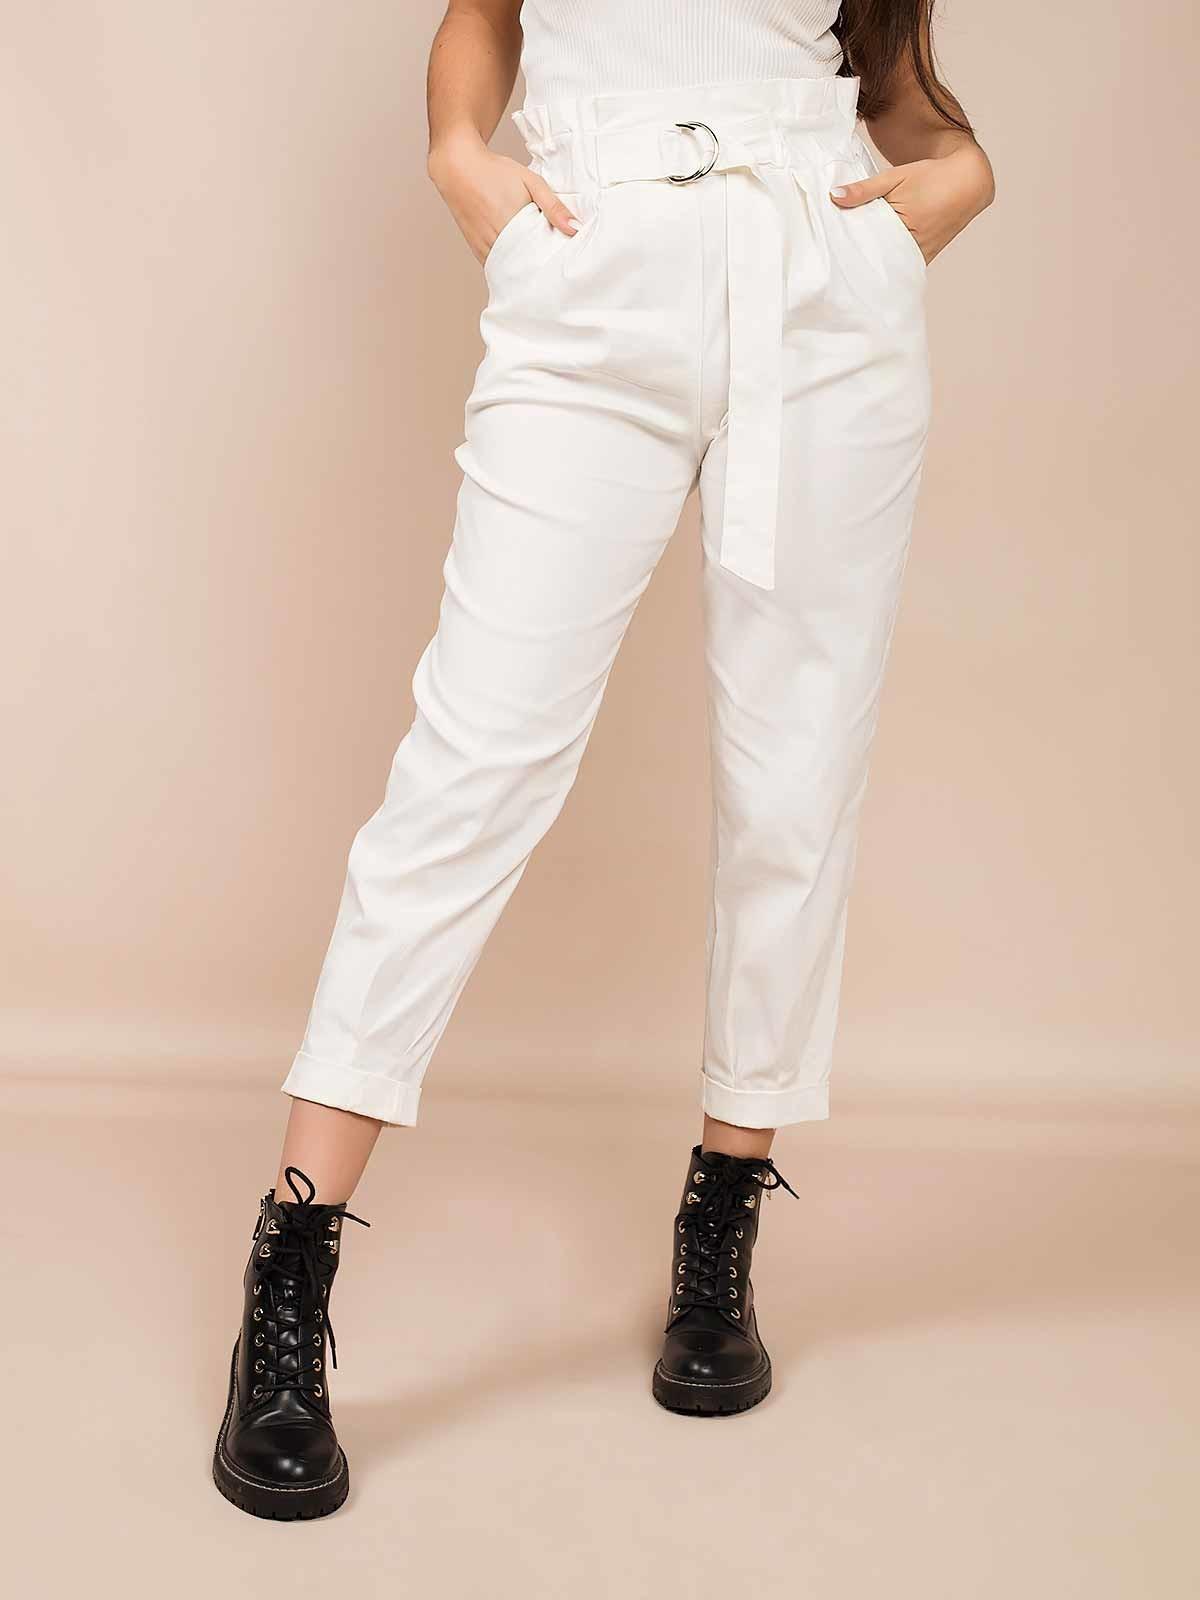 Pantalones blancos con volantes